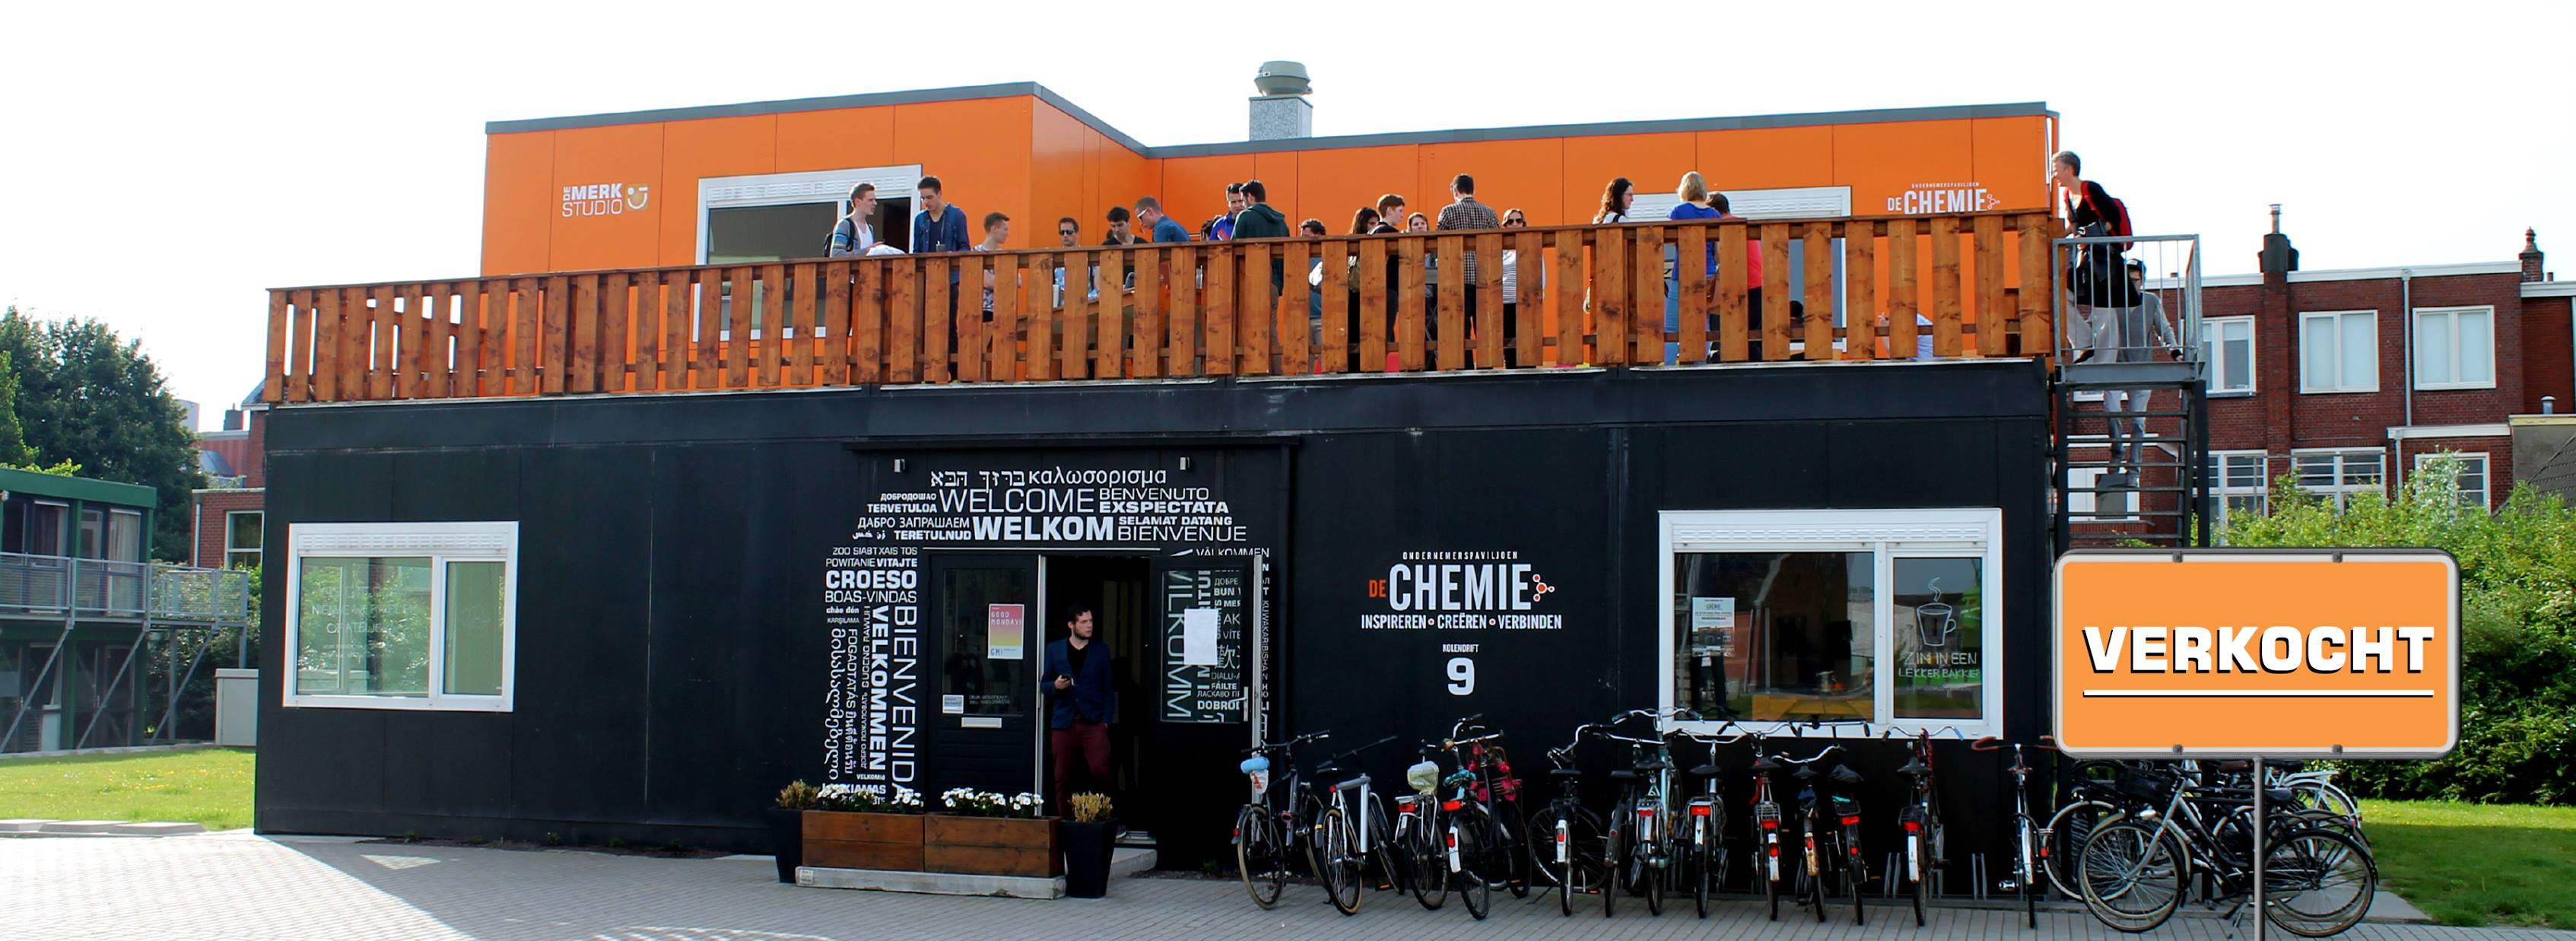 De Chemie, Groningen